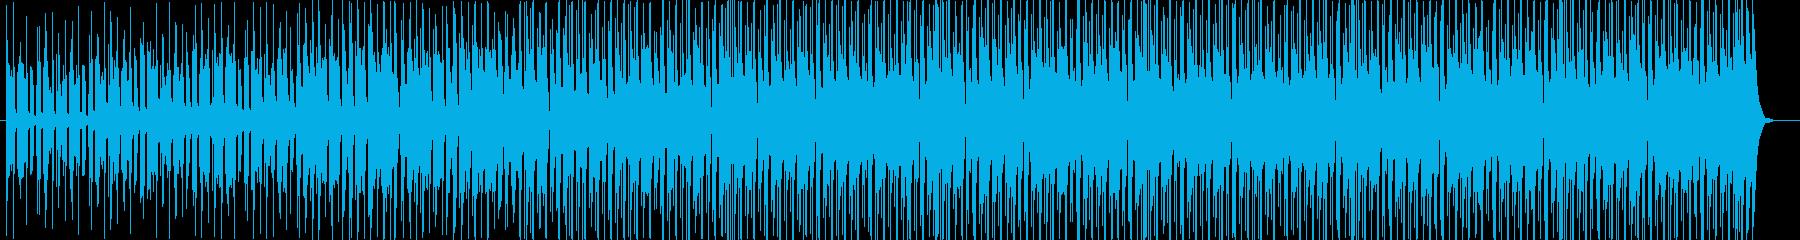 世界 楽しげ ハイテク 気分が良い...の再生済みの波形